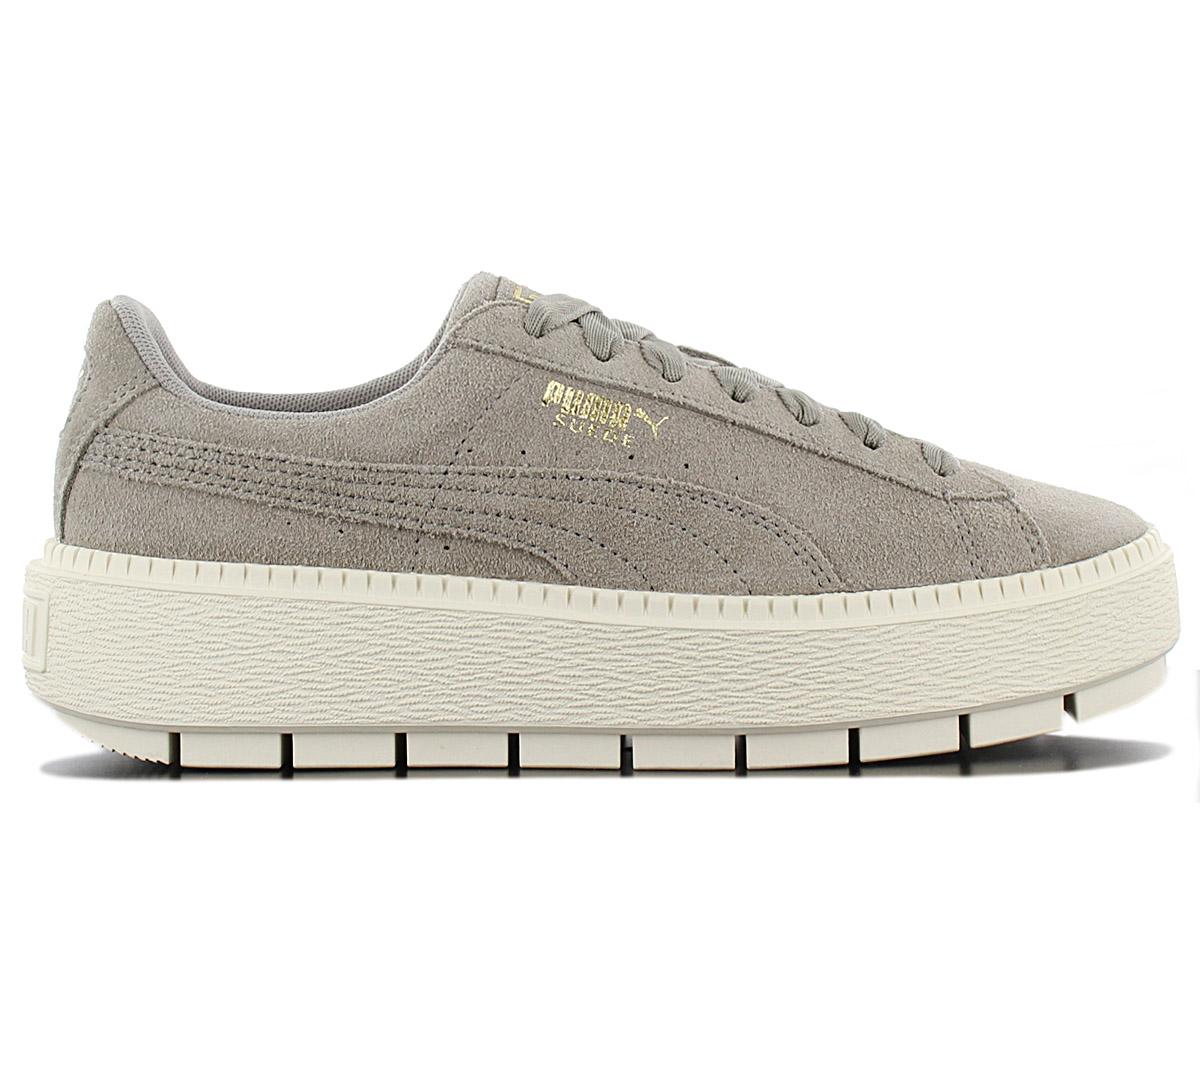 3a22e3a557 Puma Platform Trace Ladies Sneaker Shoes 365830-06 Grey Platform Gym ...